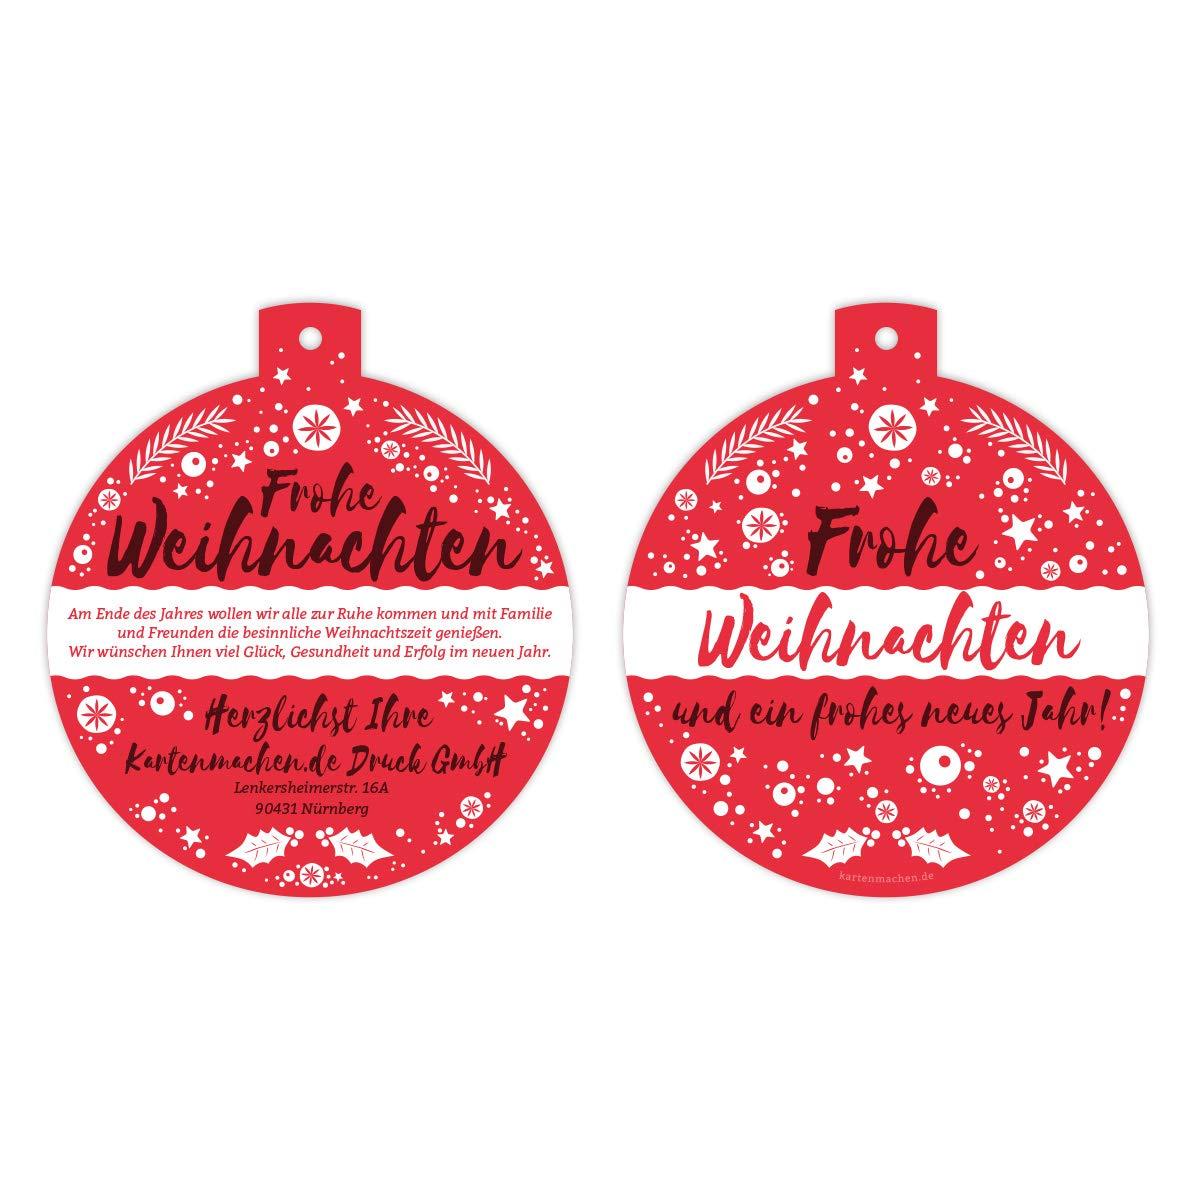 40 x Lasergeschnittene Firmen Weihnachtskarten Grußkarten individuell Weihnachten - Weihnachtskugel Schlicht Rot B07KYLCKPV | Hochwertige Produkte  | Neuheit Spielzeug  | Großer Verkauf